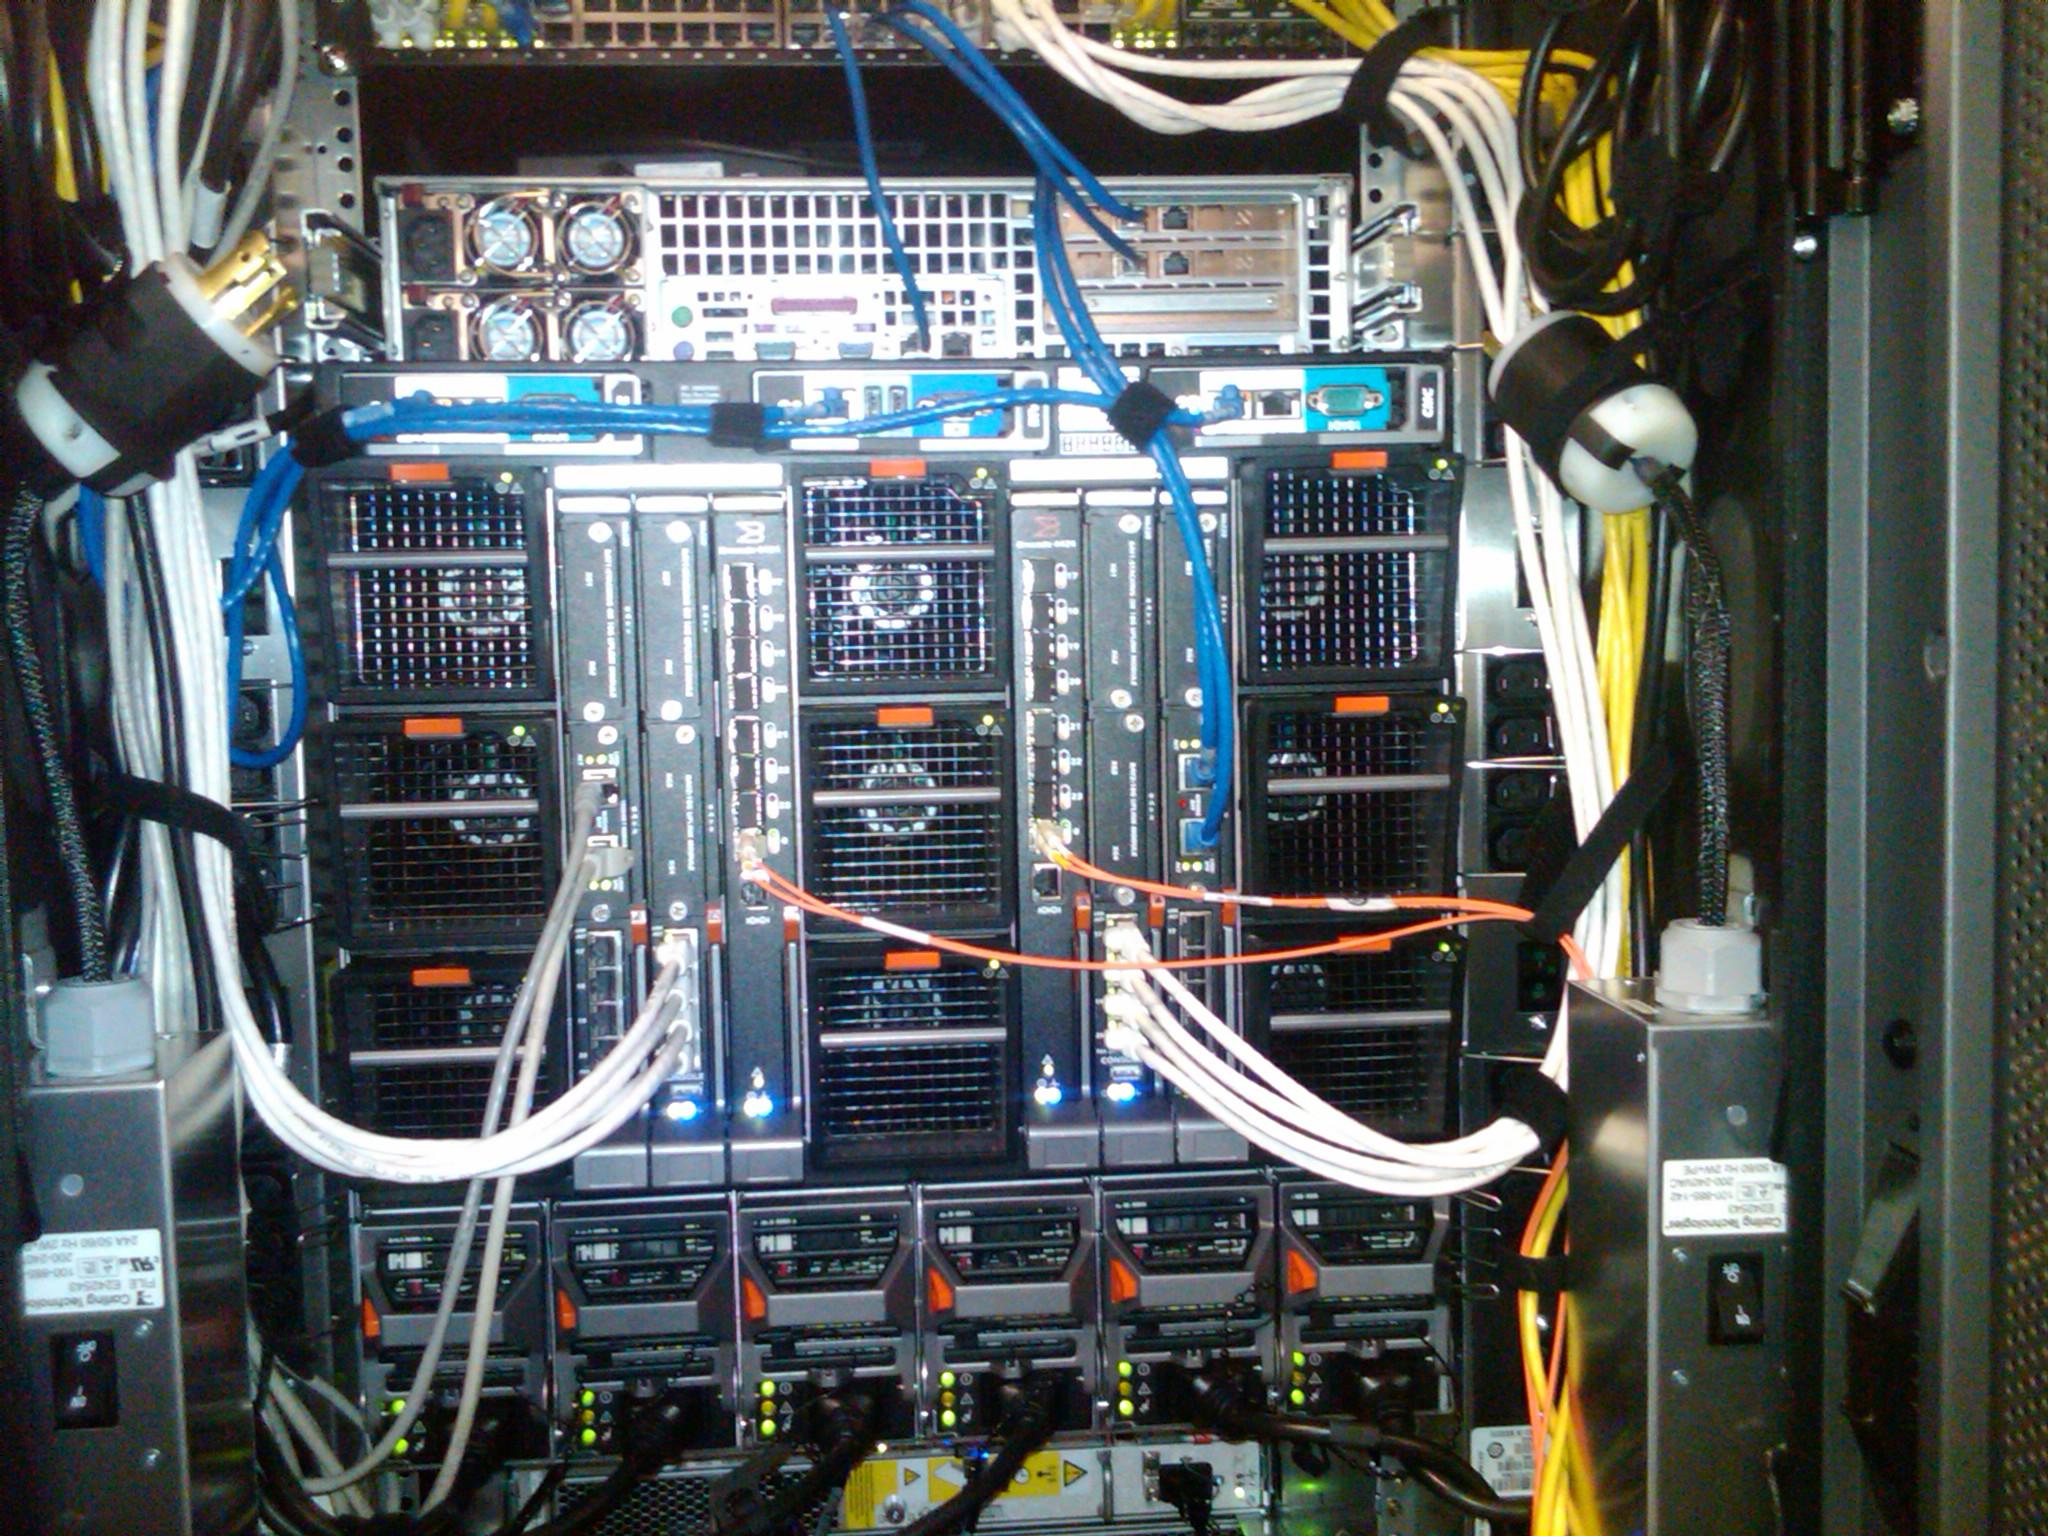 Apc Netshelter Sx 42u Enclosure Rackapc Rack Server Ar3100 A Quick Look At Vs Traditional Blade Ucs Wiring